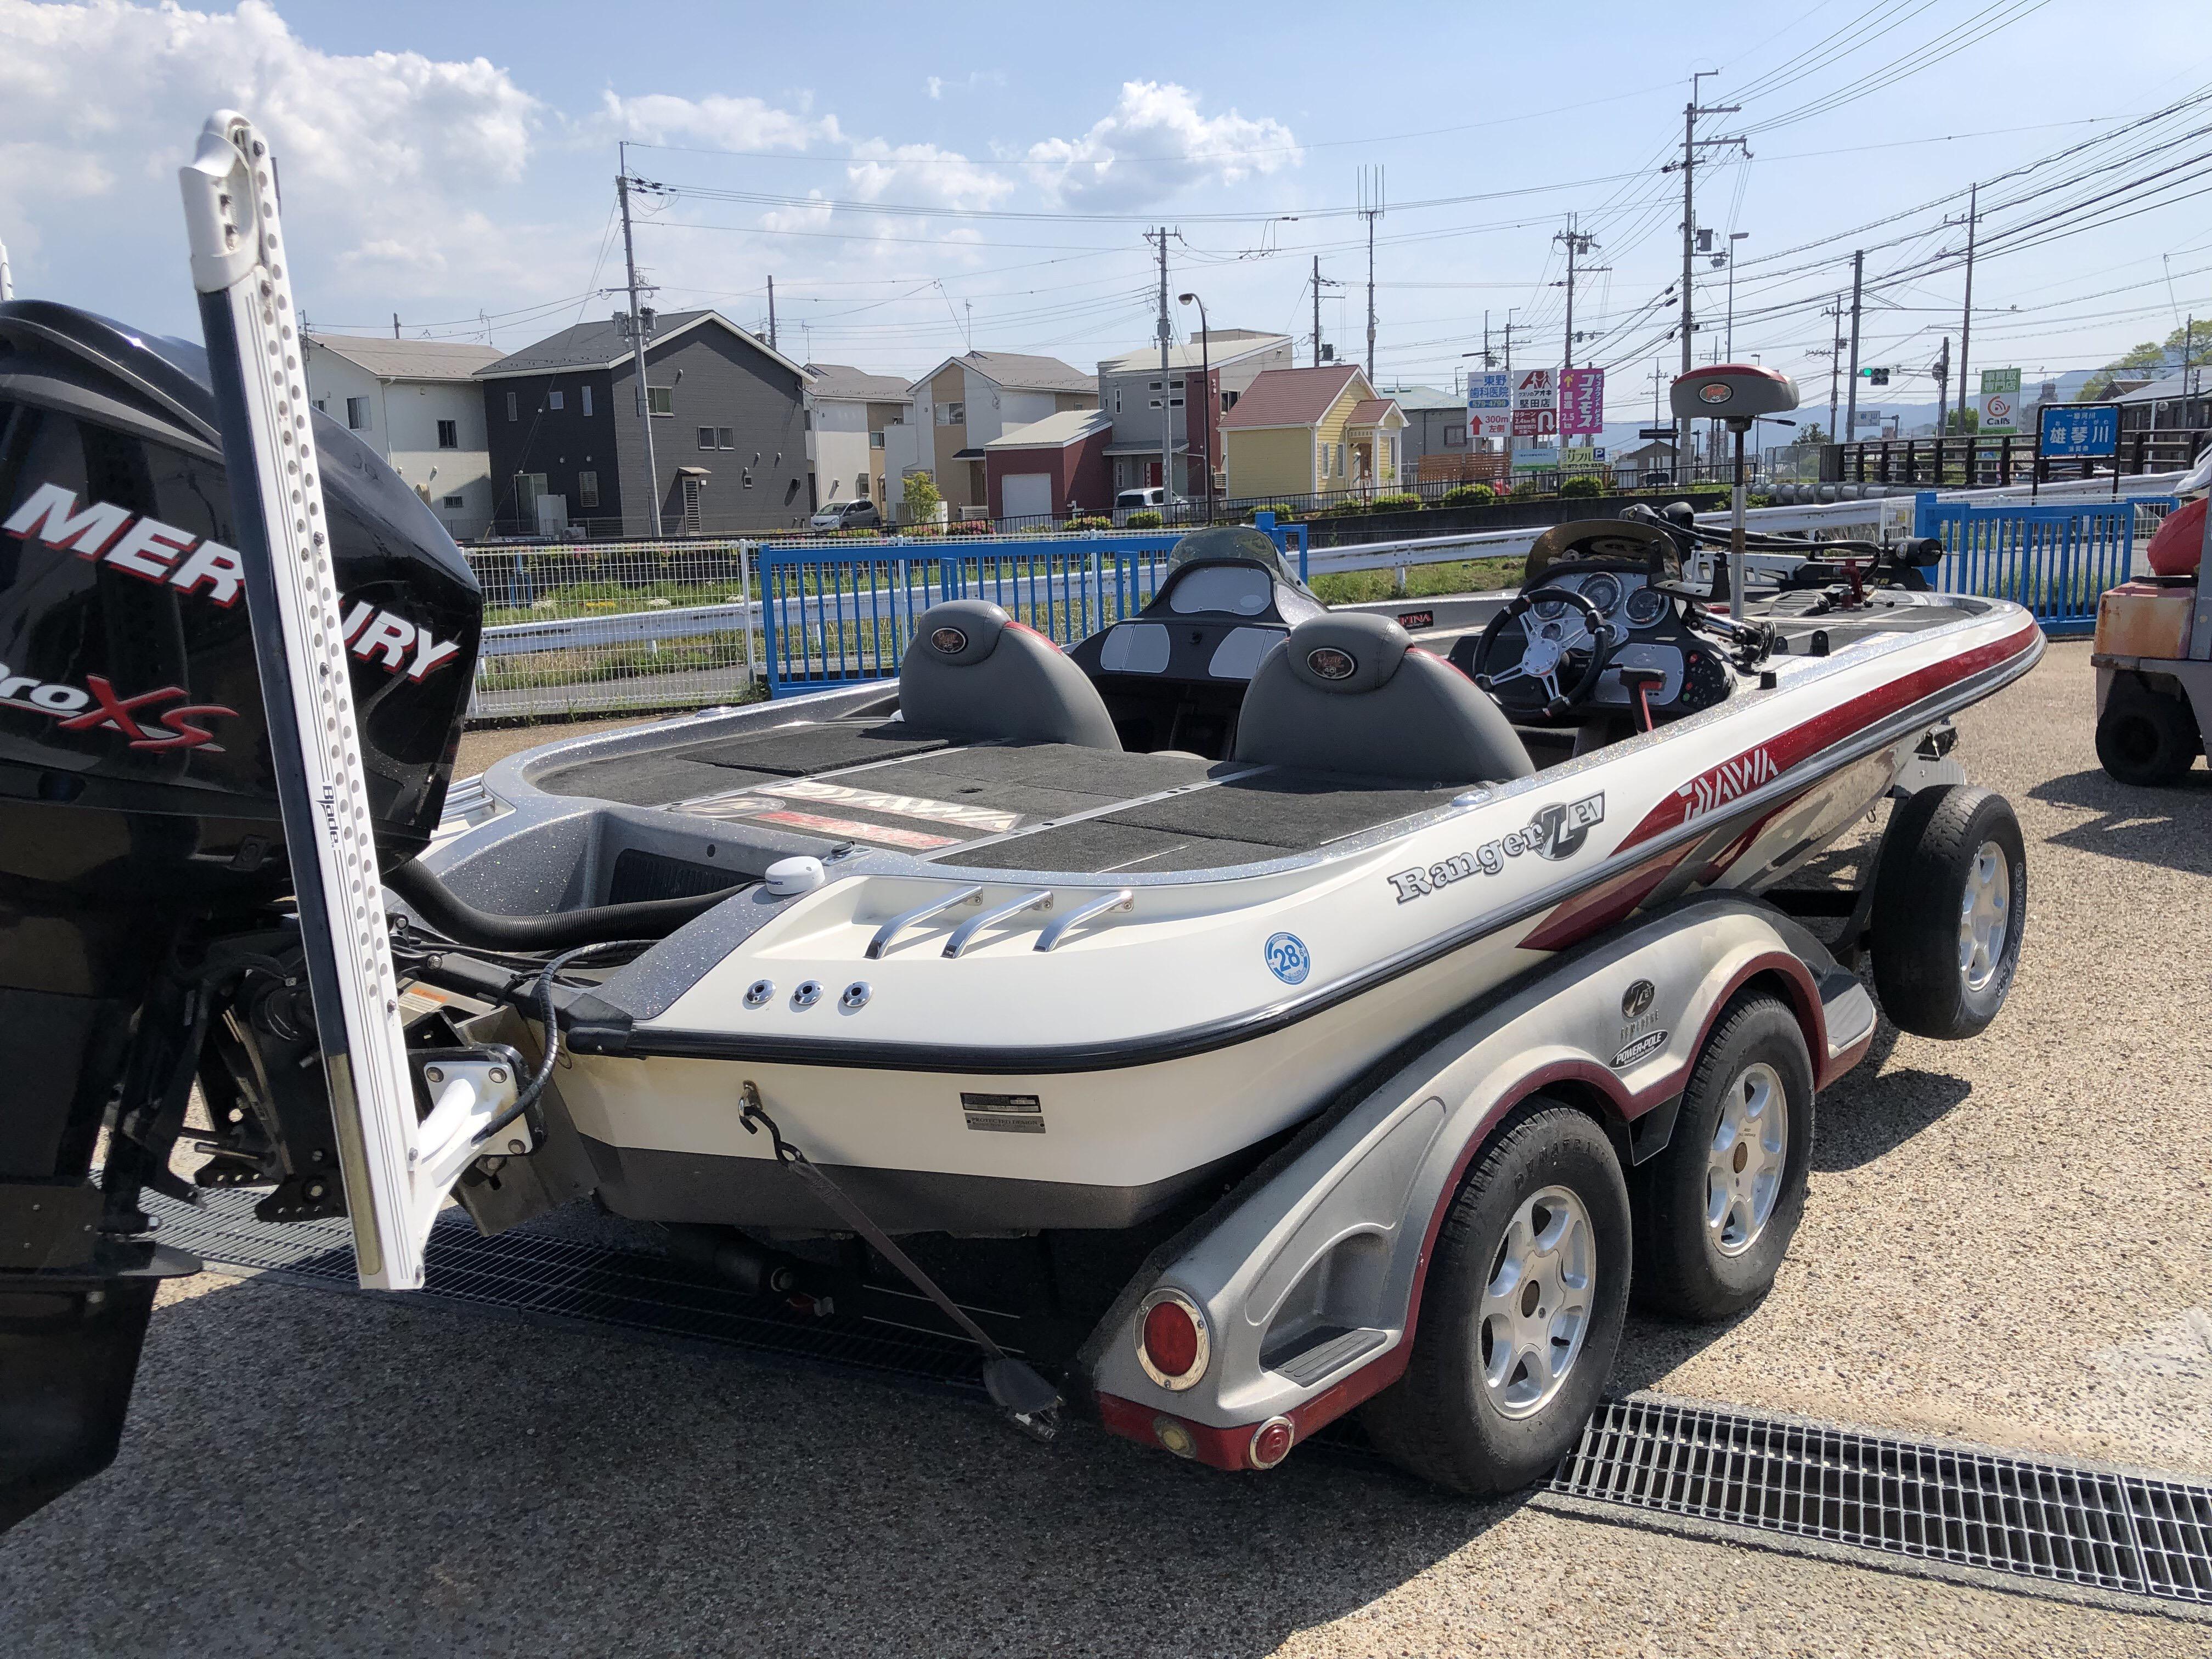 レンジャーボート正規輸入代理店バスボートジャパンIMG_4840